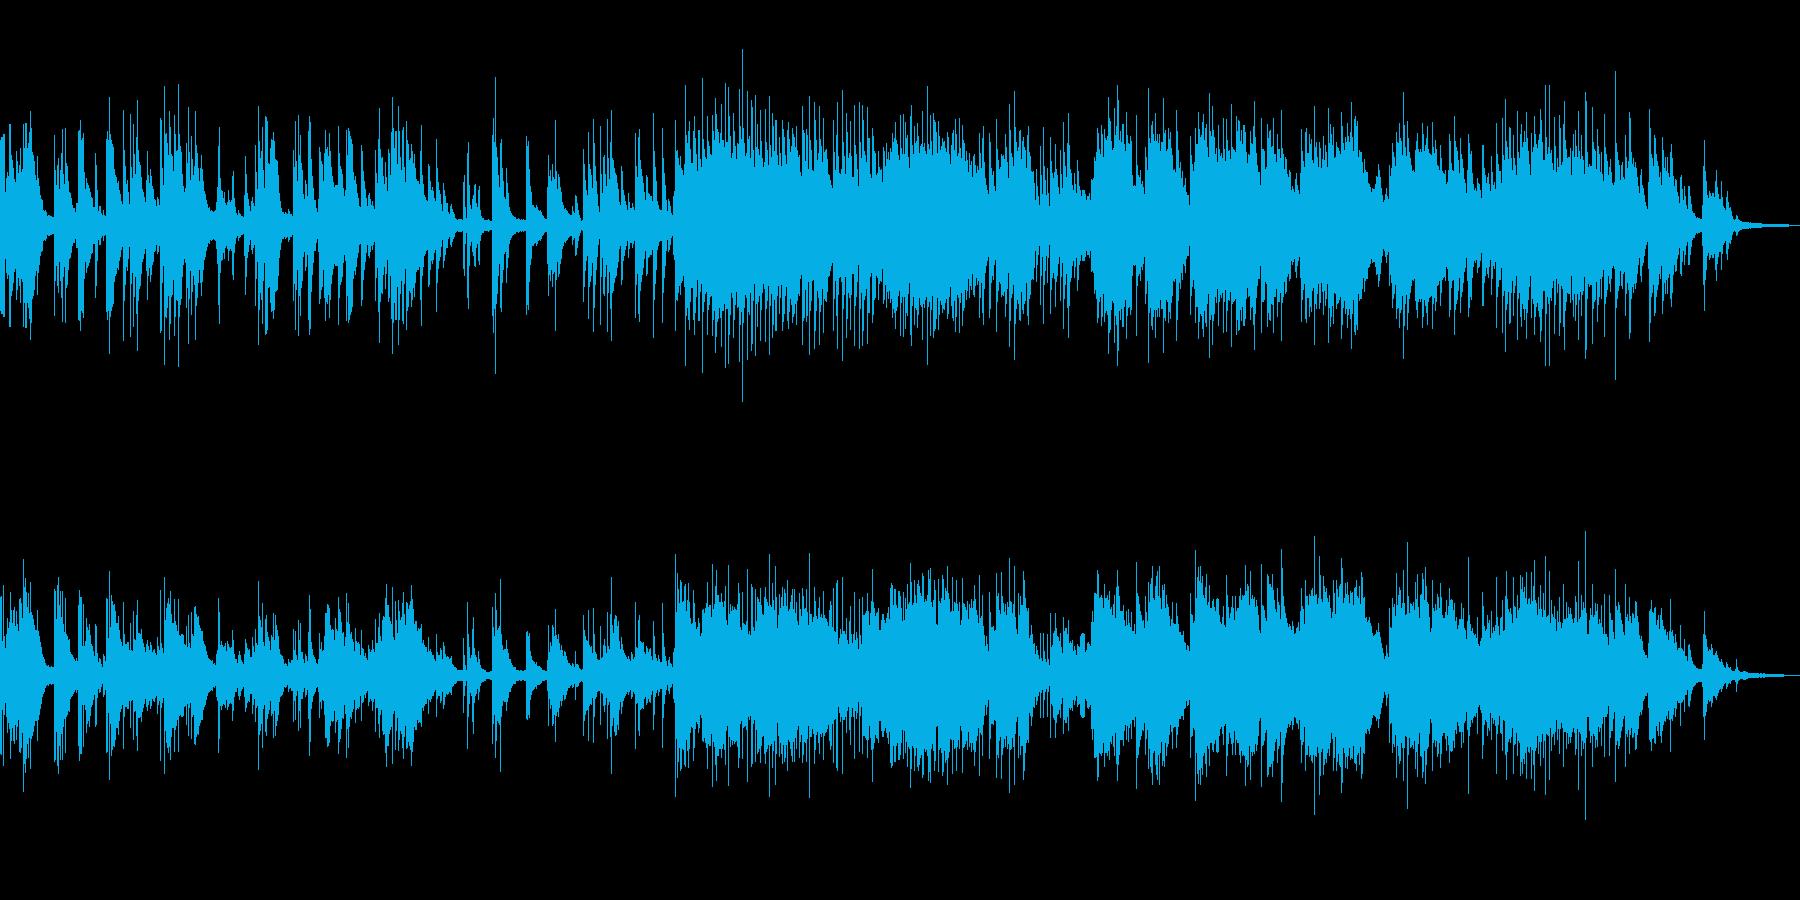 美しい旋律のピアノ曲の再生済みの波形